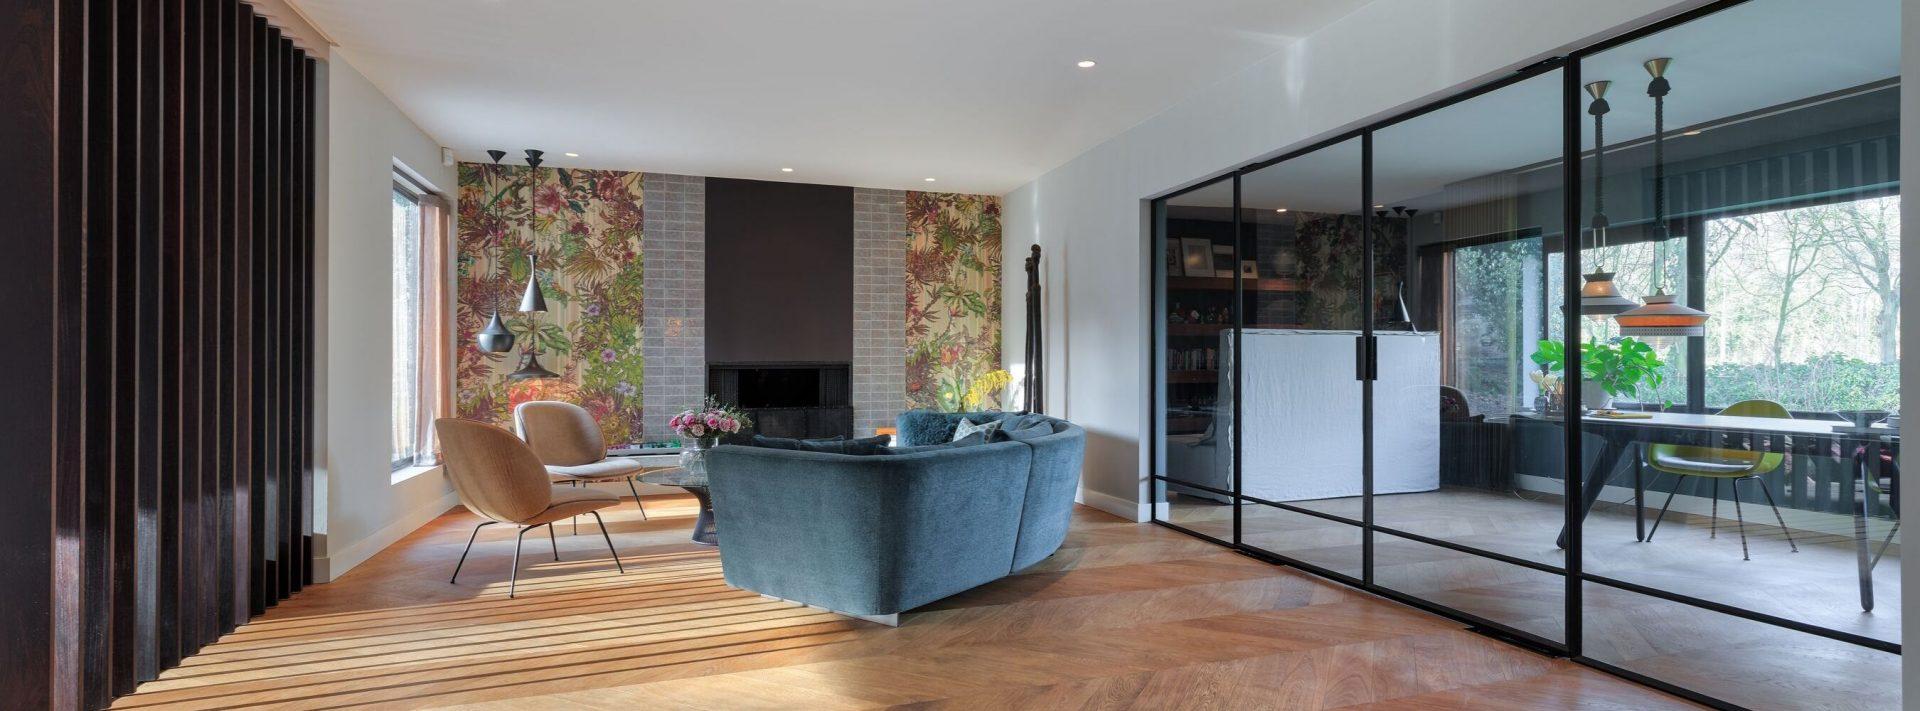 stalen deuren op maat, taatsdeuren in moderne villa gerealiseerd door StalenDeurenHuys